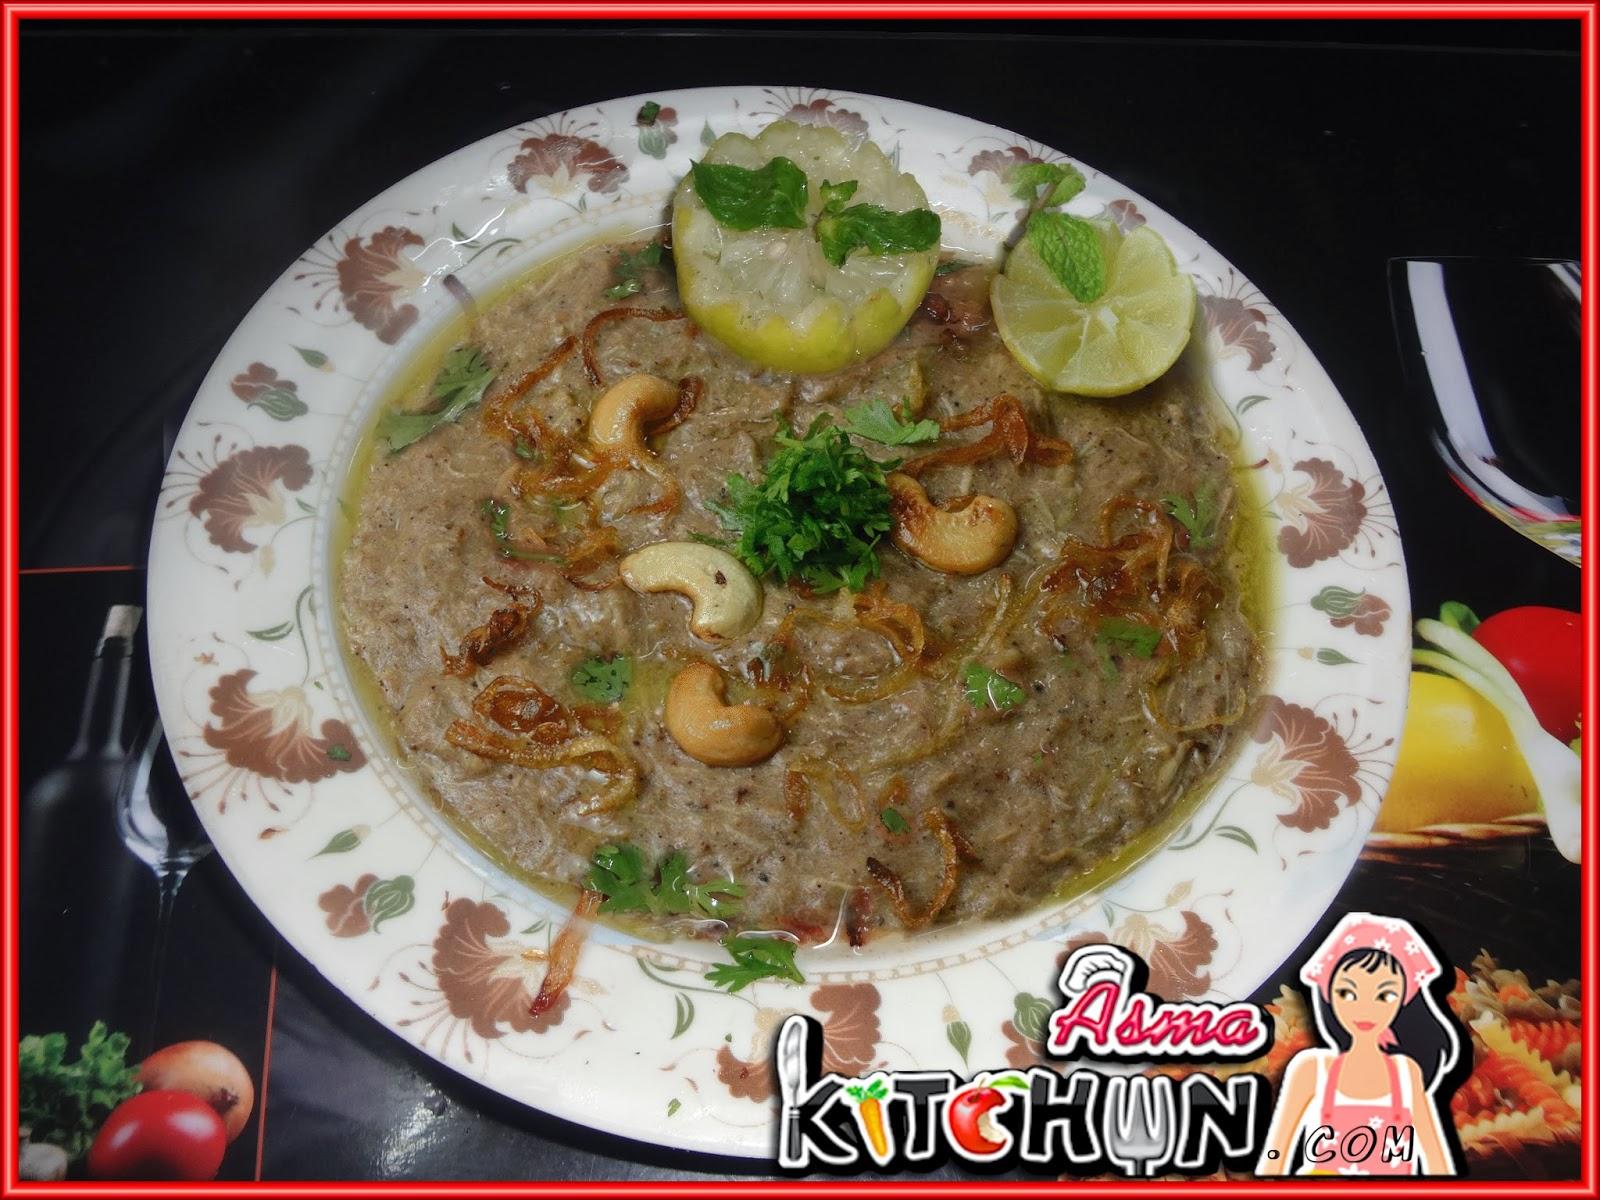 Hyderabadi haleem recipe asmas kitchen forumfinder Gallery